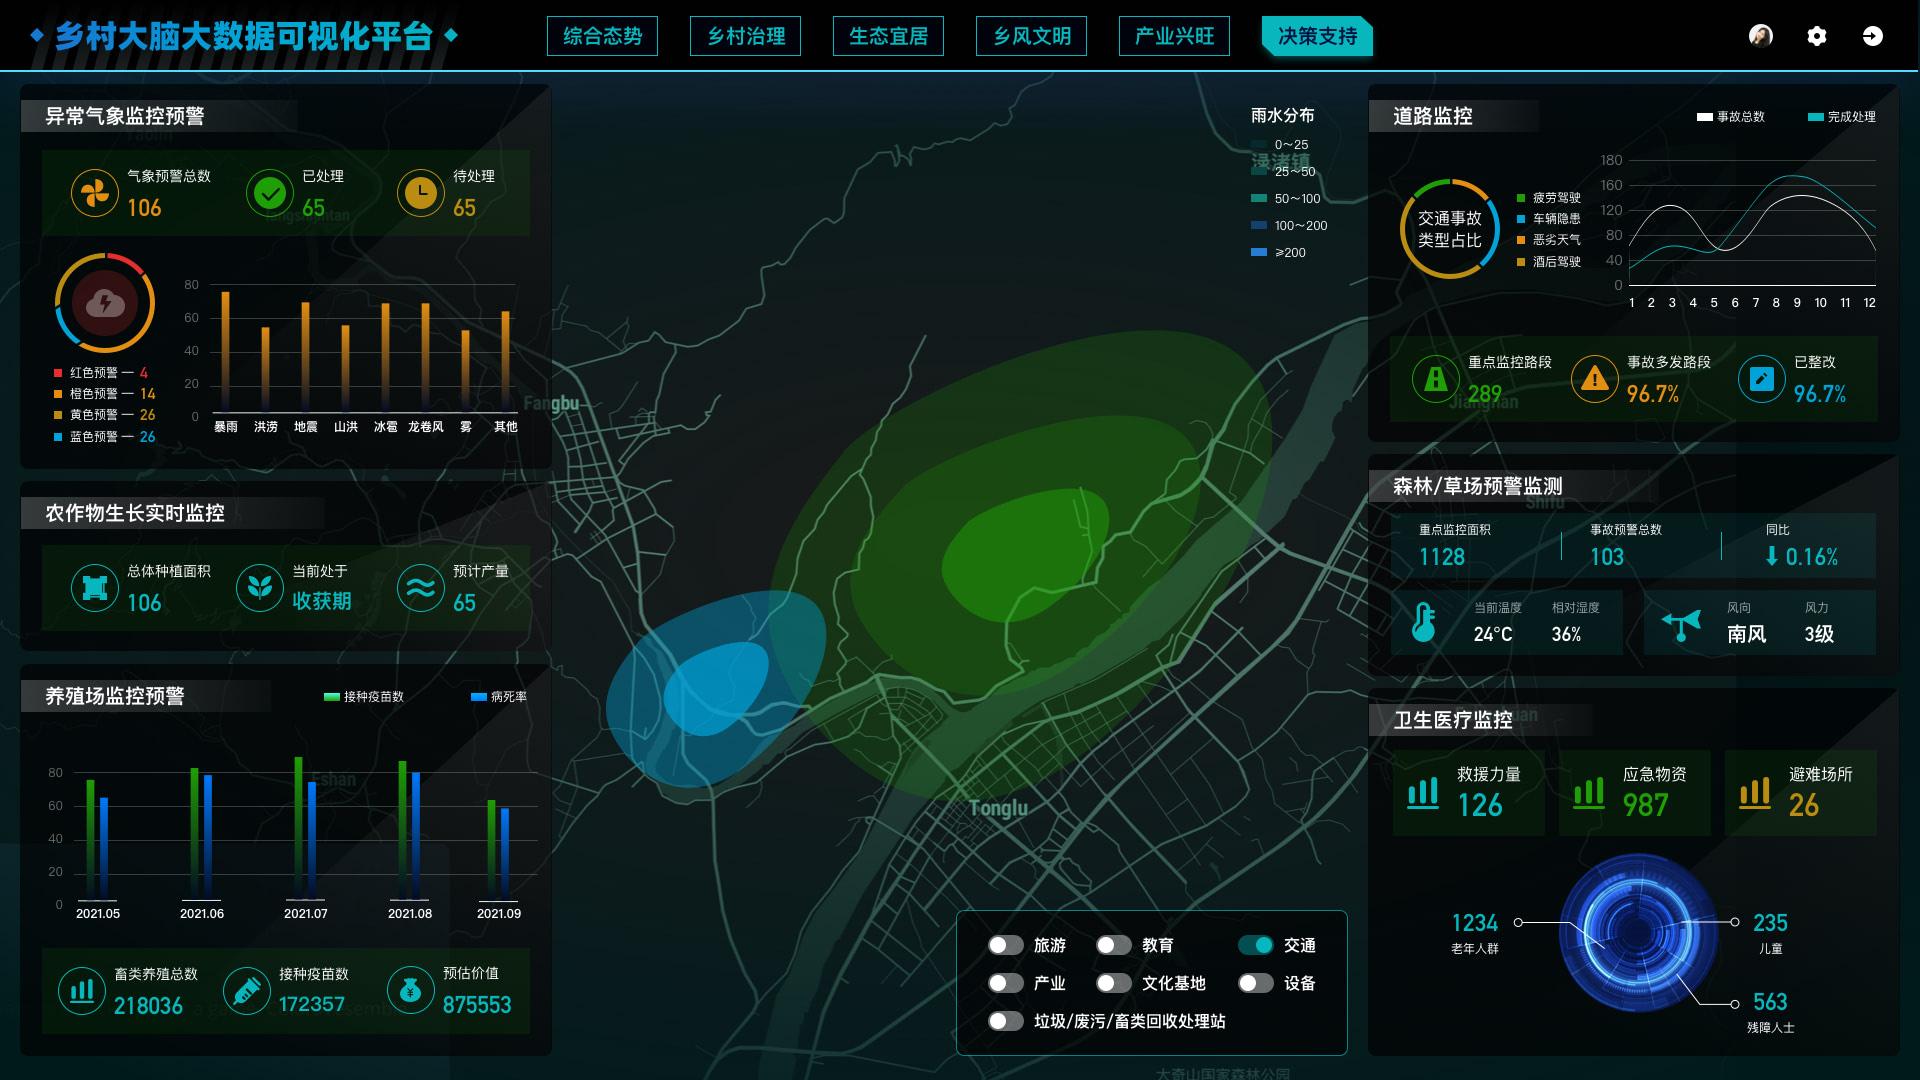 乡村大脑大数据可视化平台-决策支持.jpg